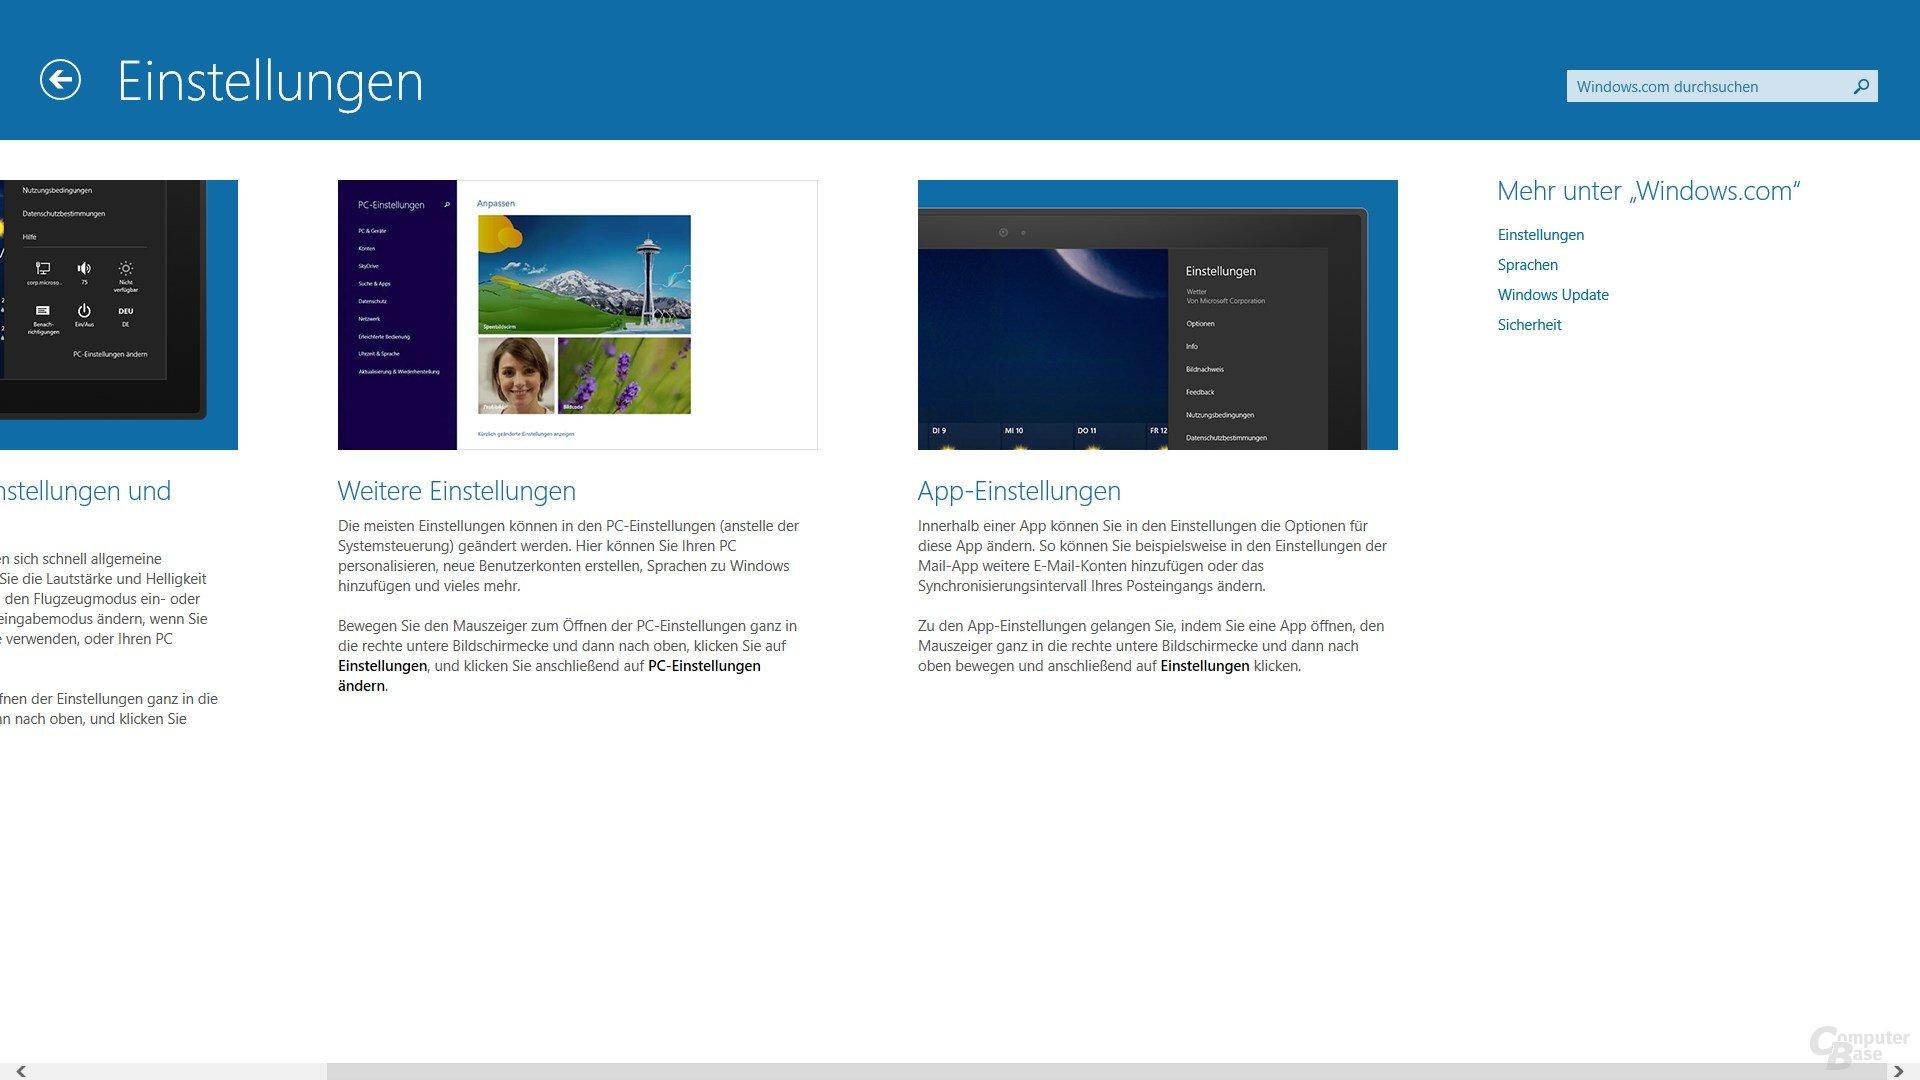 Hilfe und Tipps mit Suche auf der Windows-Homepage